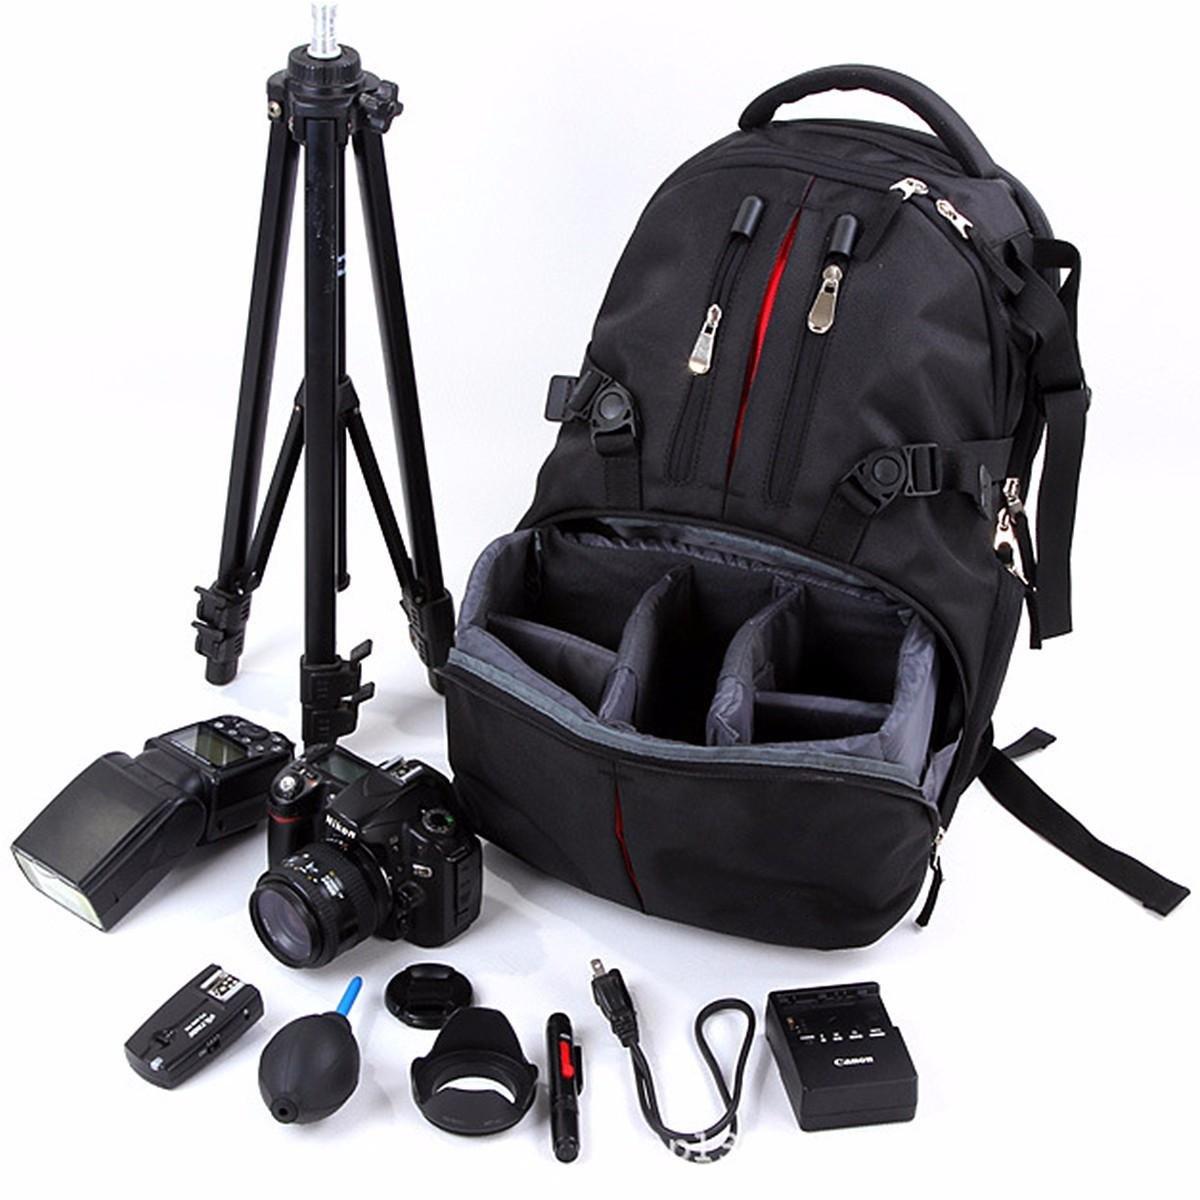 ナイロン防水耐衝撃カメララップトップバッグレンズケースバックパックfor Canon Nikon B07FVXW737